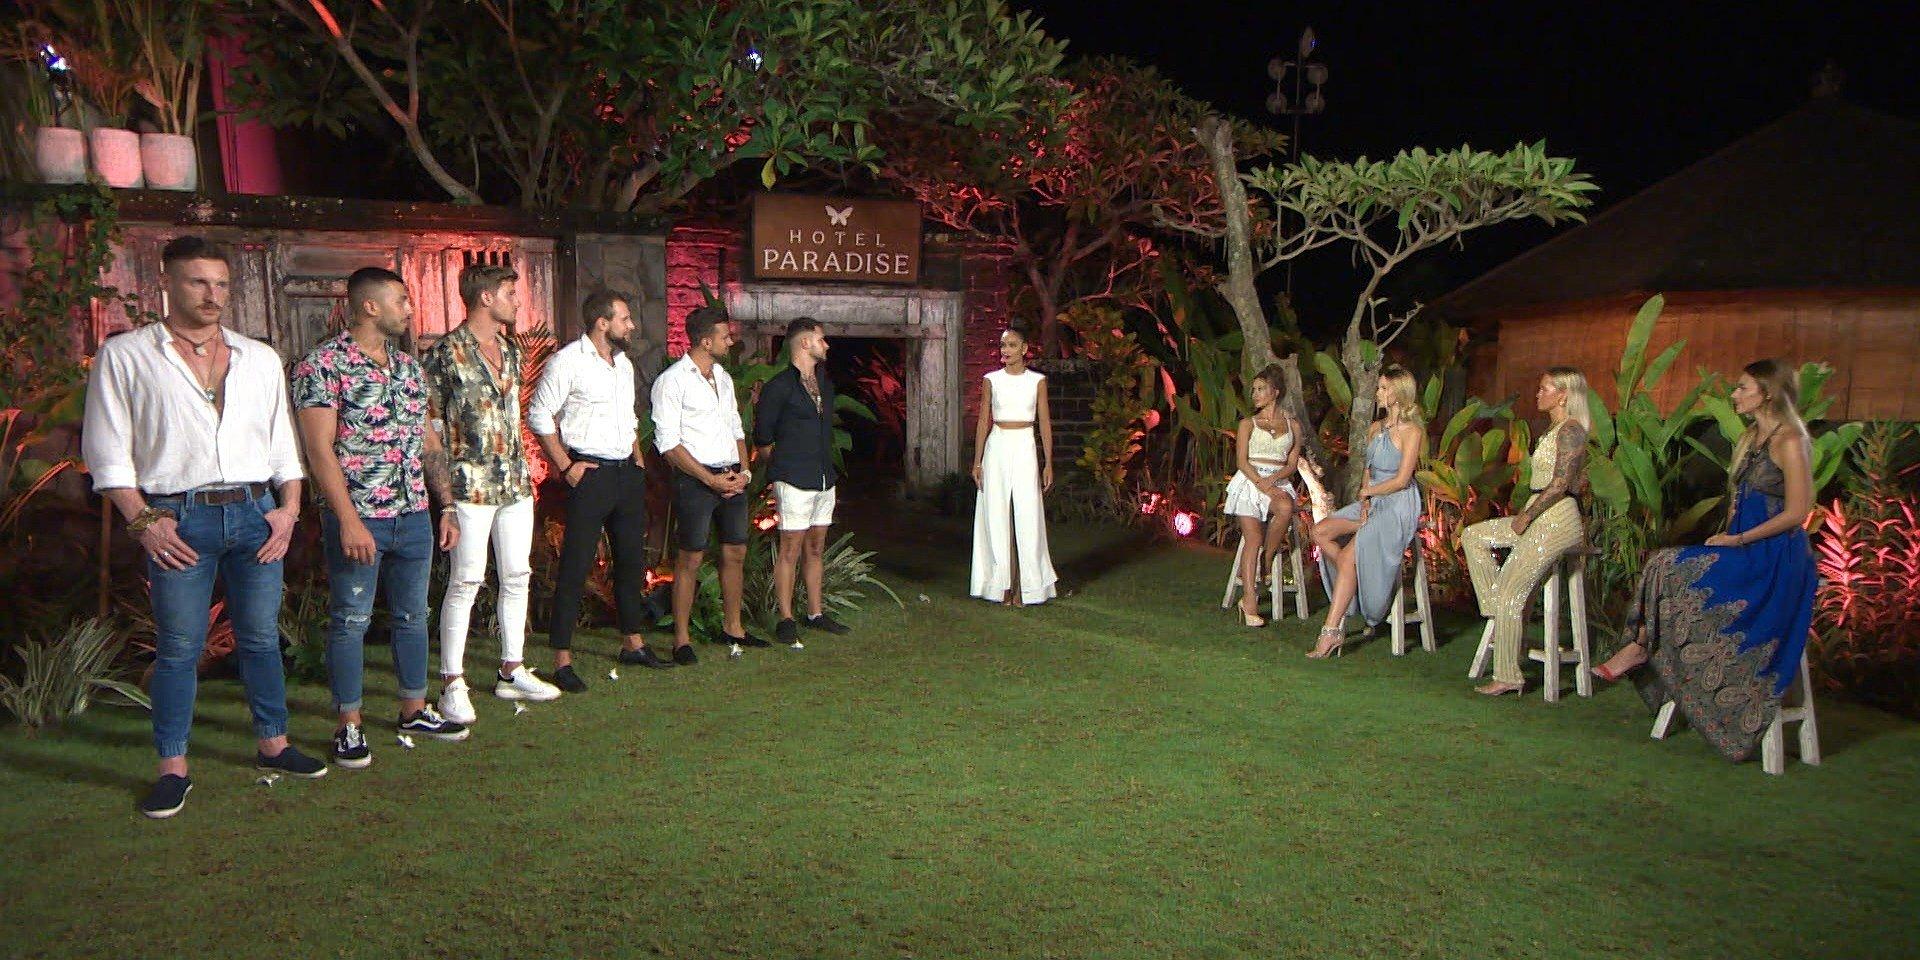 Hotel Paradise 2 - poważne zawirowania w Rajskim Hotelu! (zapowiedź odcinka 24)